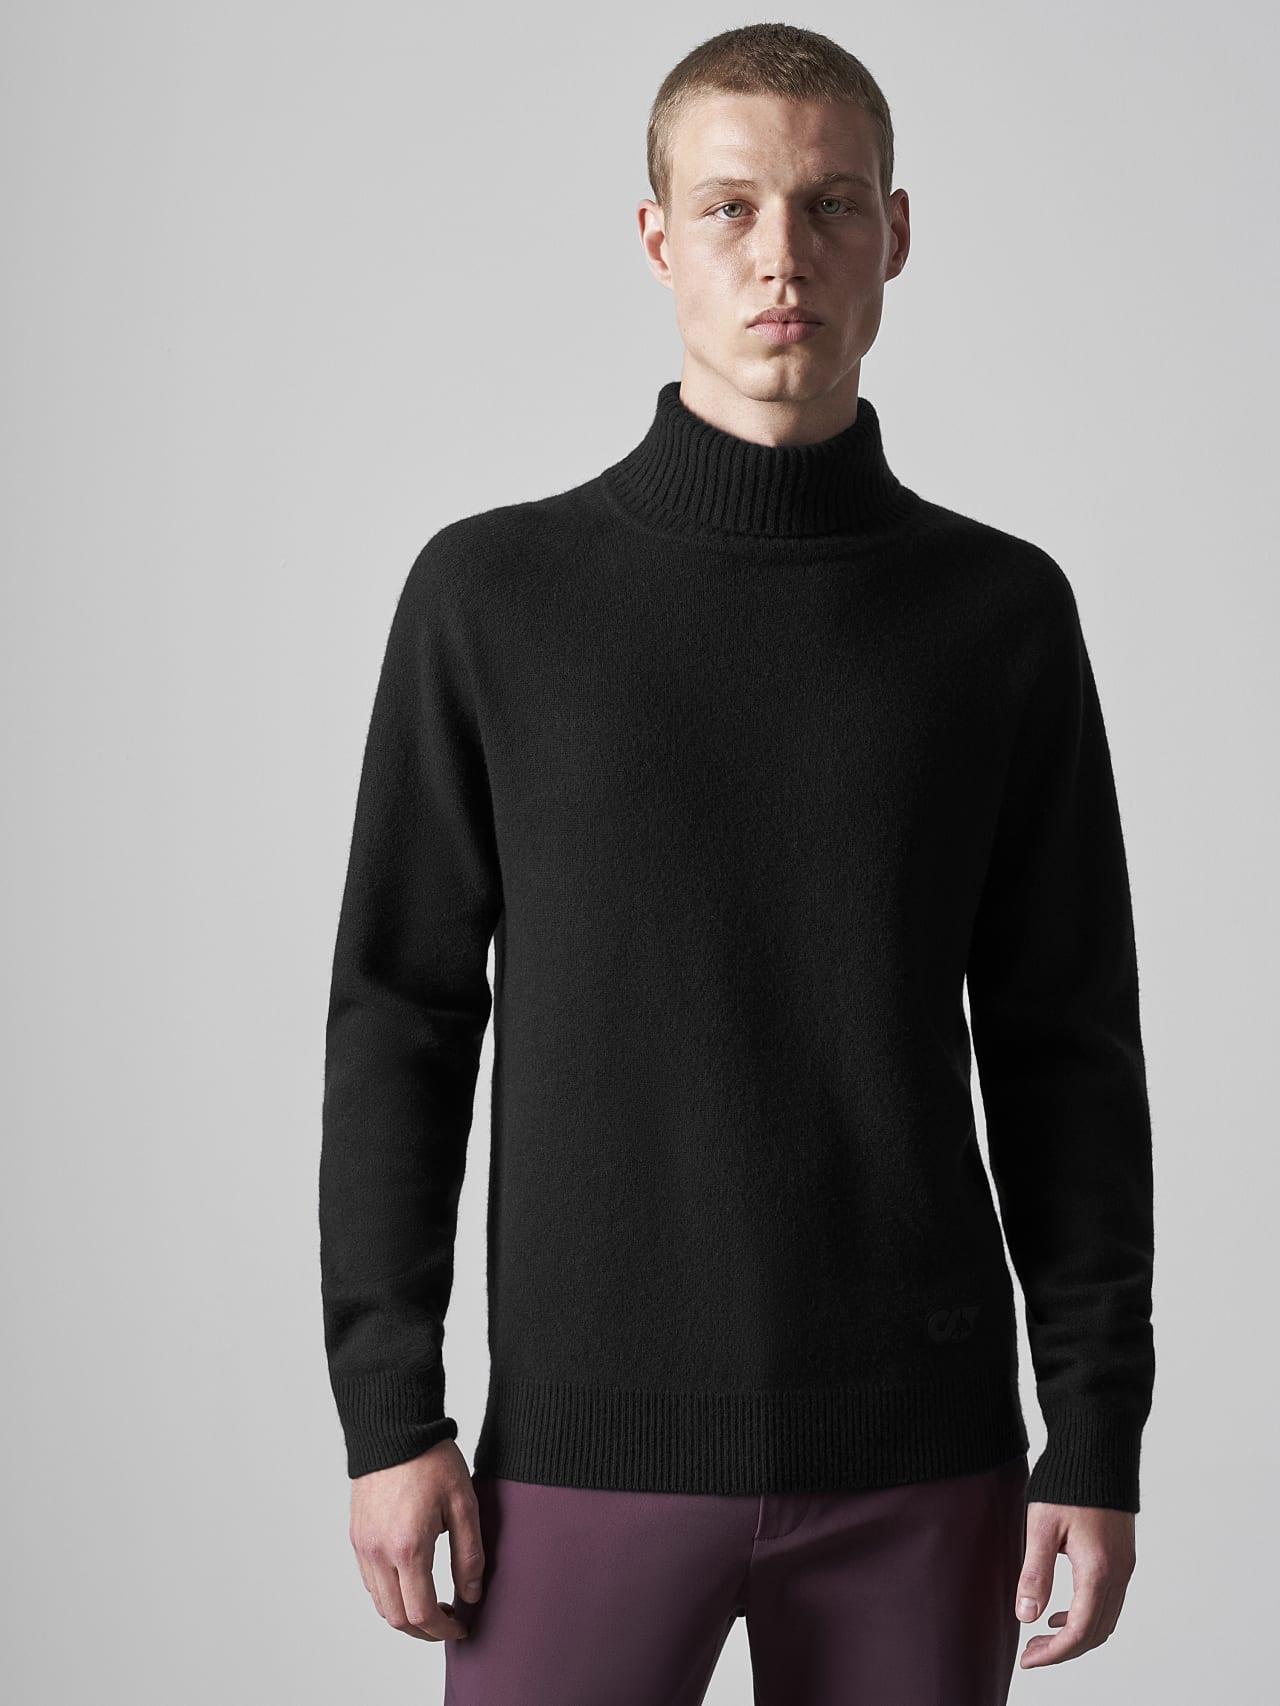 FLUCK V2.Y5.02 Seamless 3D Knit Cashmere-Blend Turtle Neck black Model shot Alpha Tauri